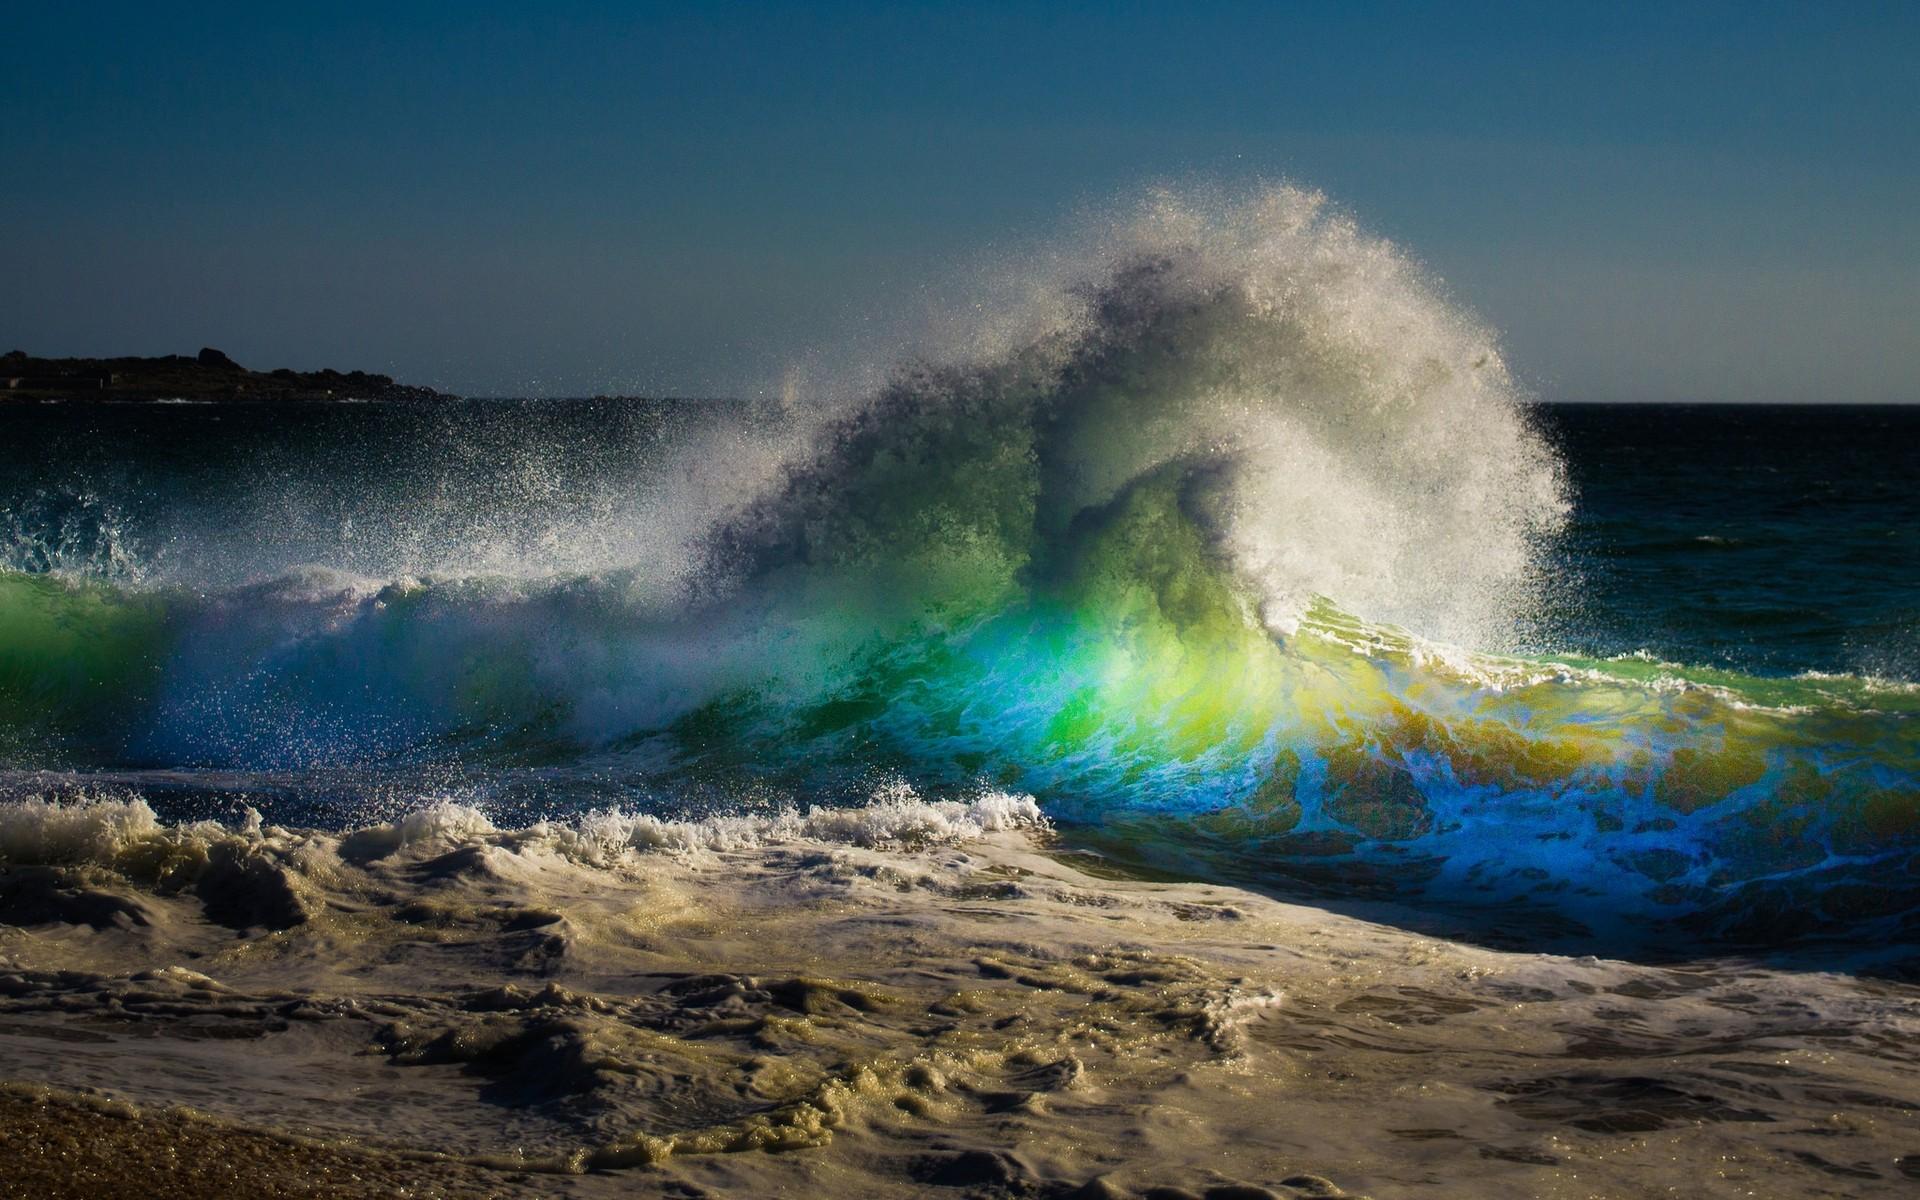 фото с волной морской полезных ископаемых это